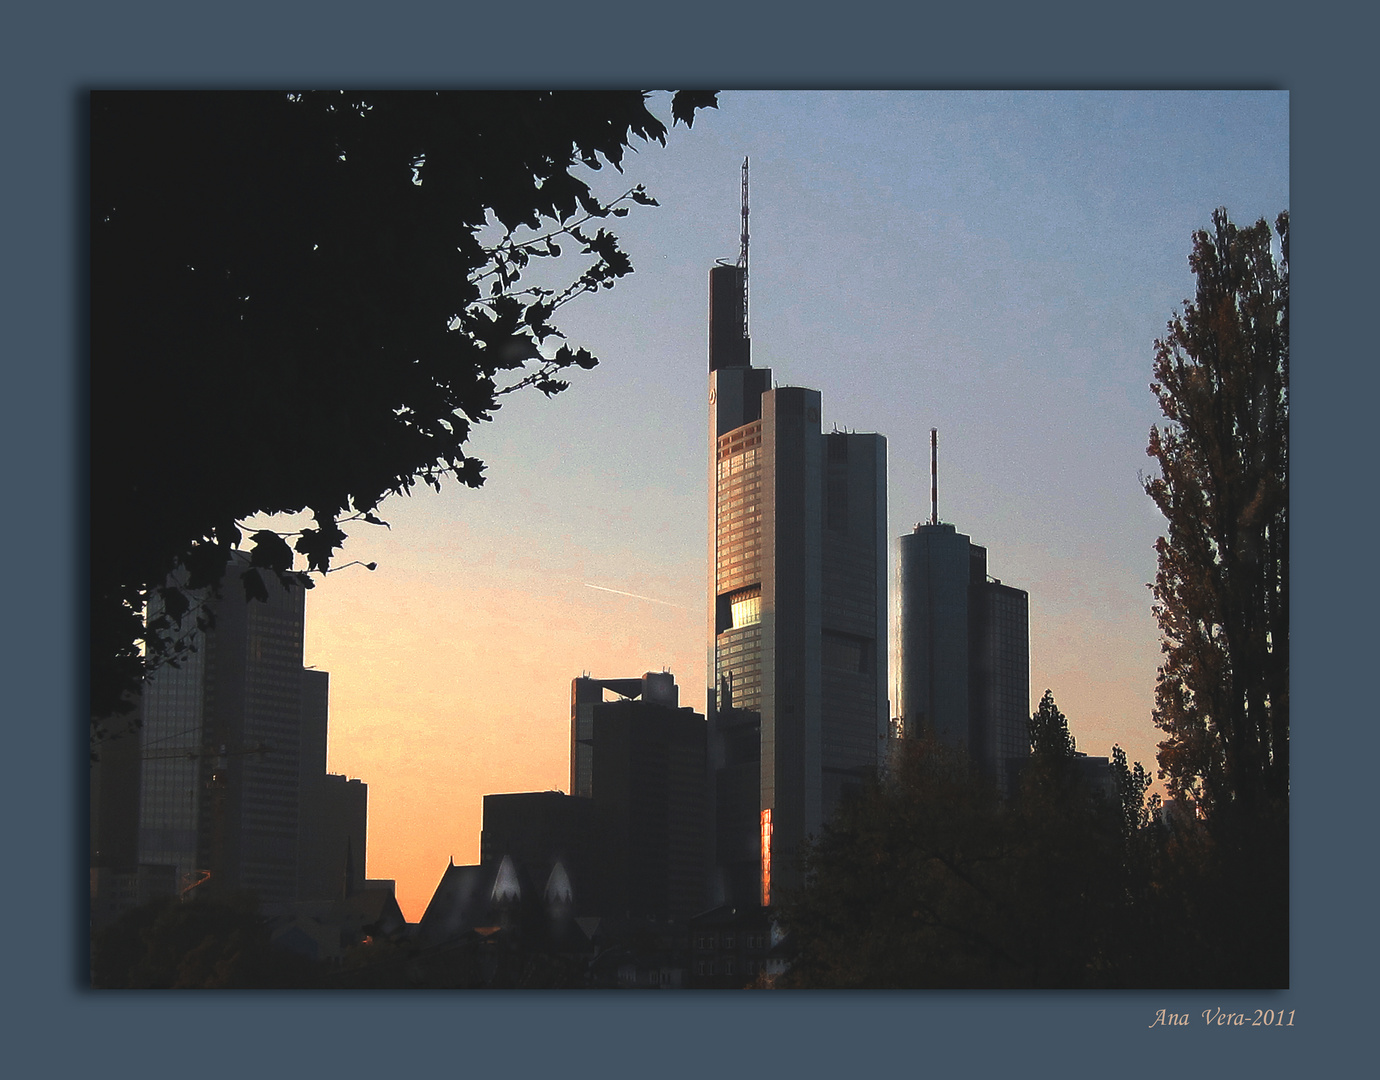 Frankfurt: Wie im Traum (Como en sueños) 1